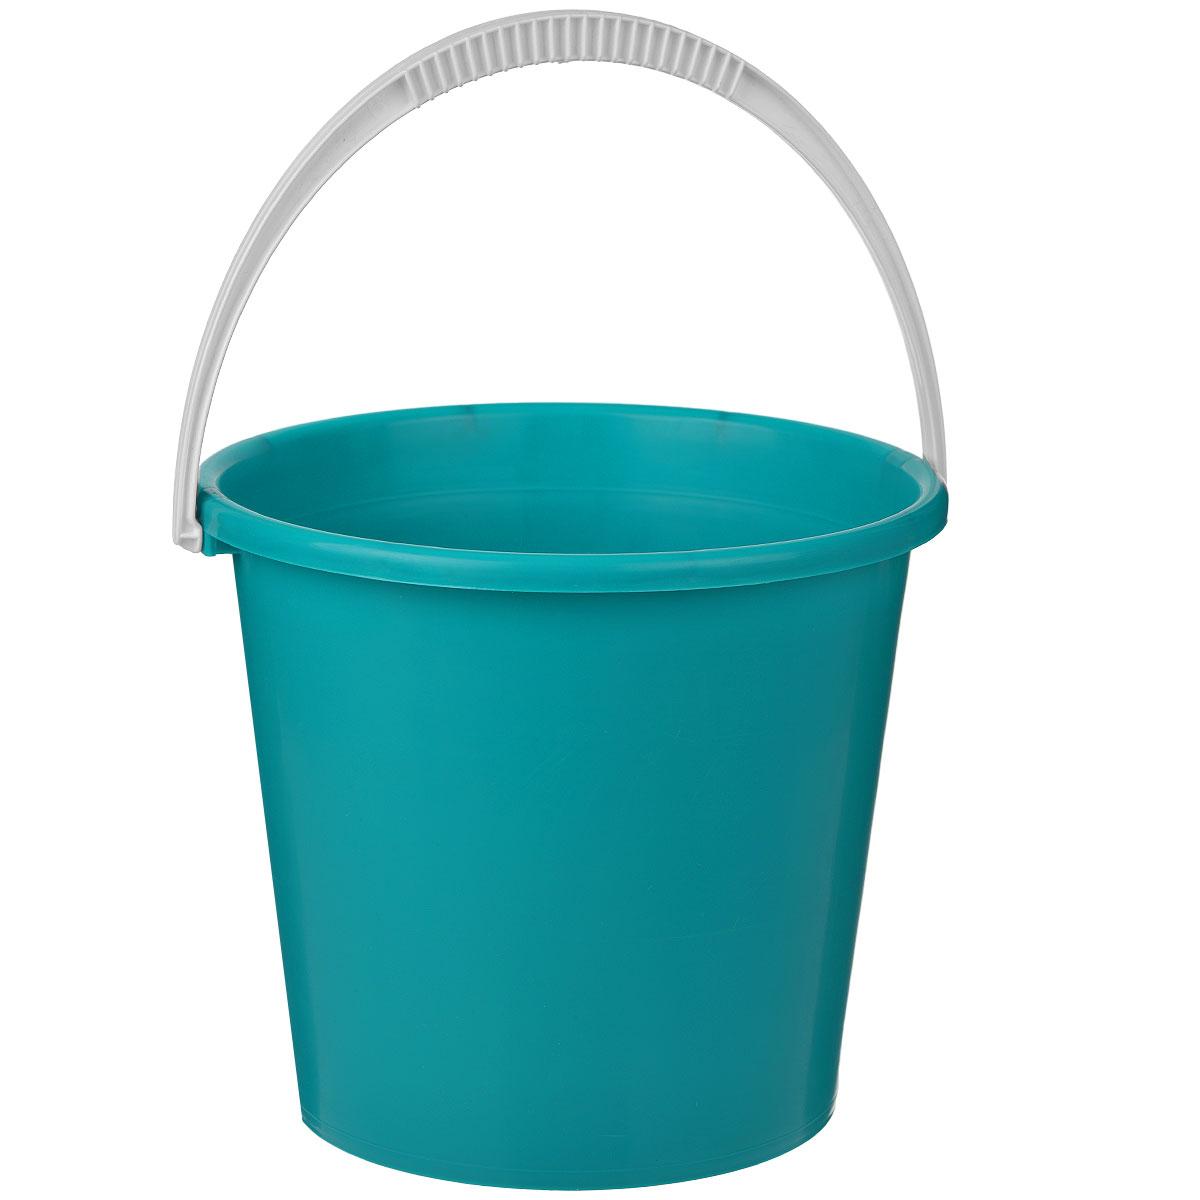 Ведро Альтернатива Крепыш, цвет: зеленый, 7 лК342Ведро Альтернатива Крепыш изготовлено из высококачественного одноцветного пластика. Оно легче железного и не подвержено коррозии. Ведро оснащено удобной пластиковой ручкой. Такое ведро станет незаменимым помощником в хозяйстве. Размер: 25 см x 25 см x 22 см.